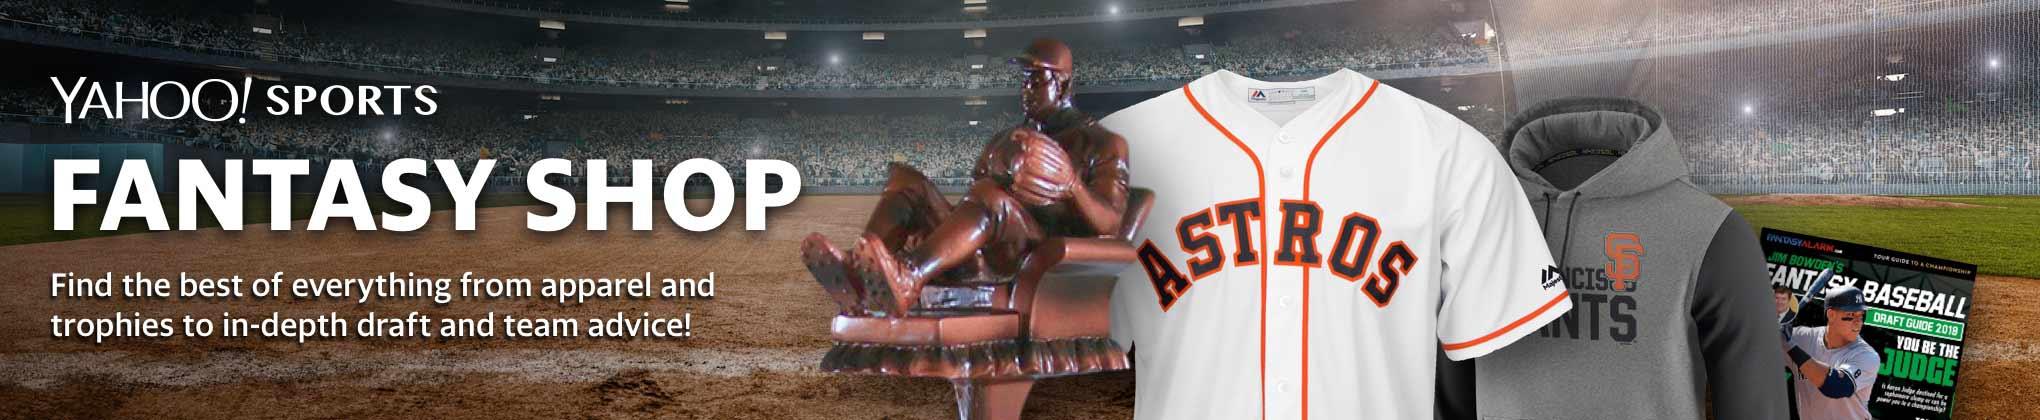 Fantasy Shop | Fantasy Baseball | Yahoo! Sports - photo#34